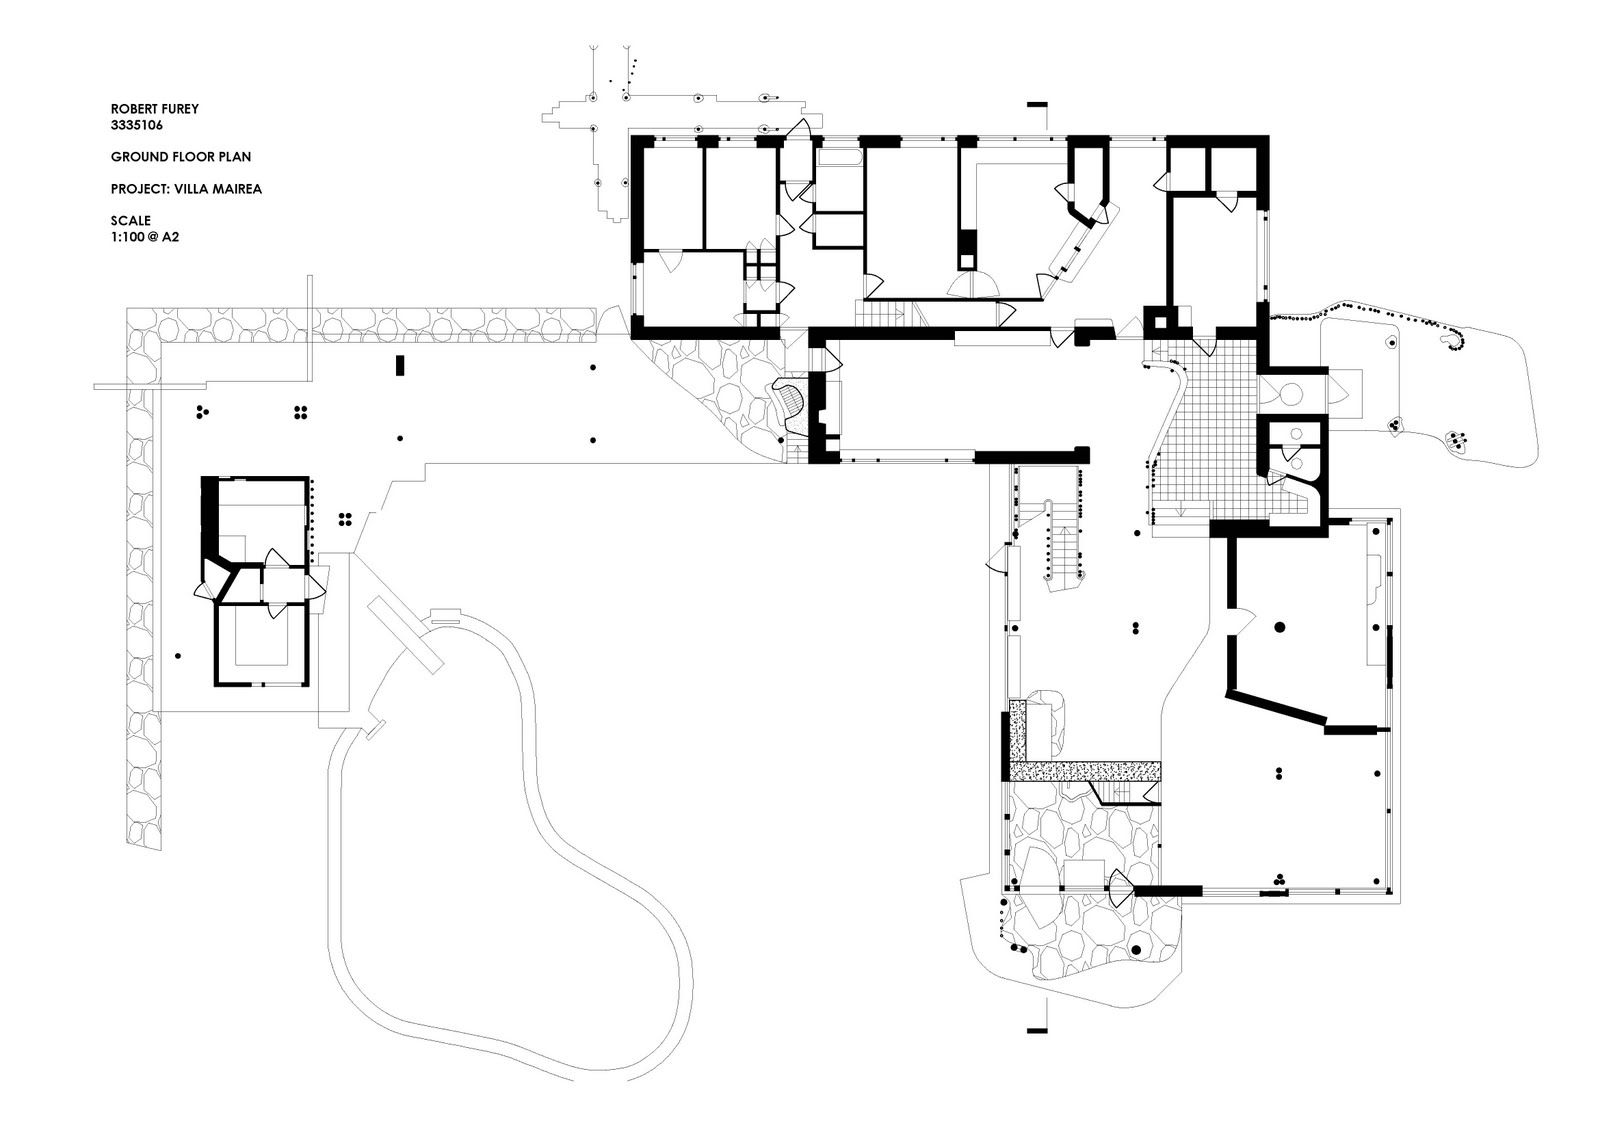 Floor Plan of Villa Mairea Alvar Aalto Noormarkku Finland 1939